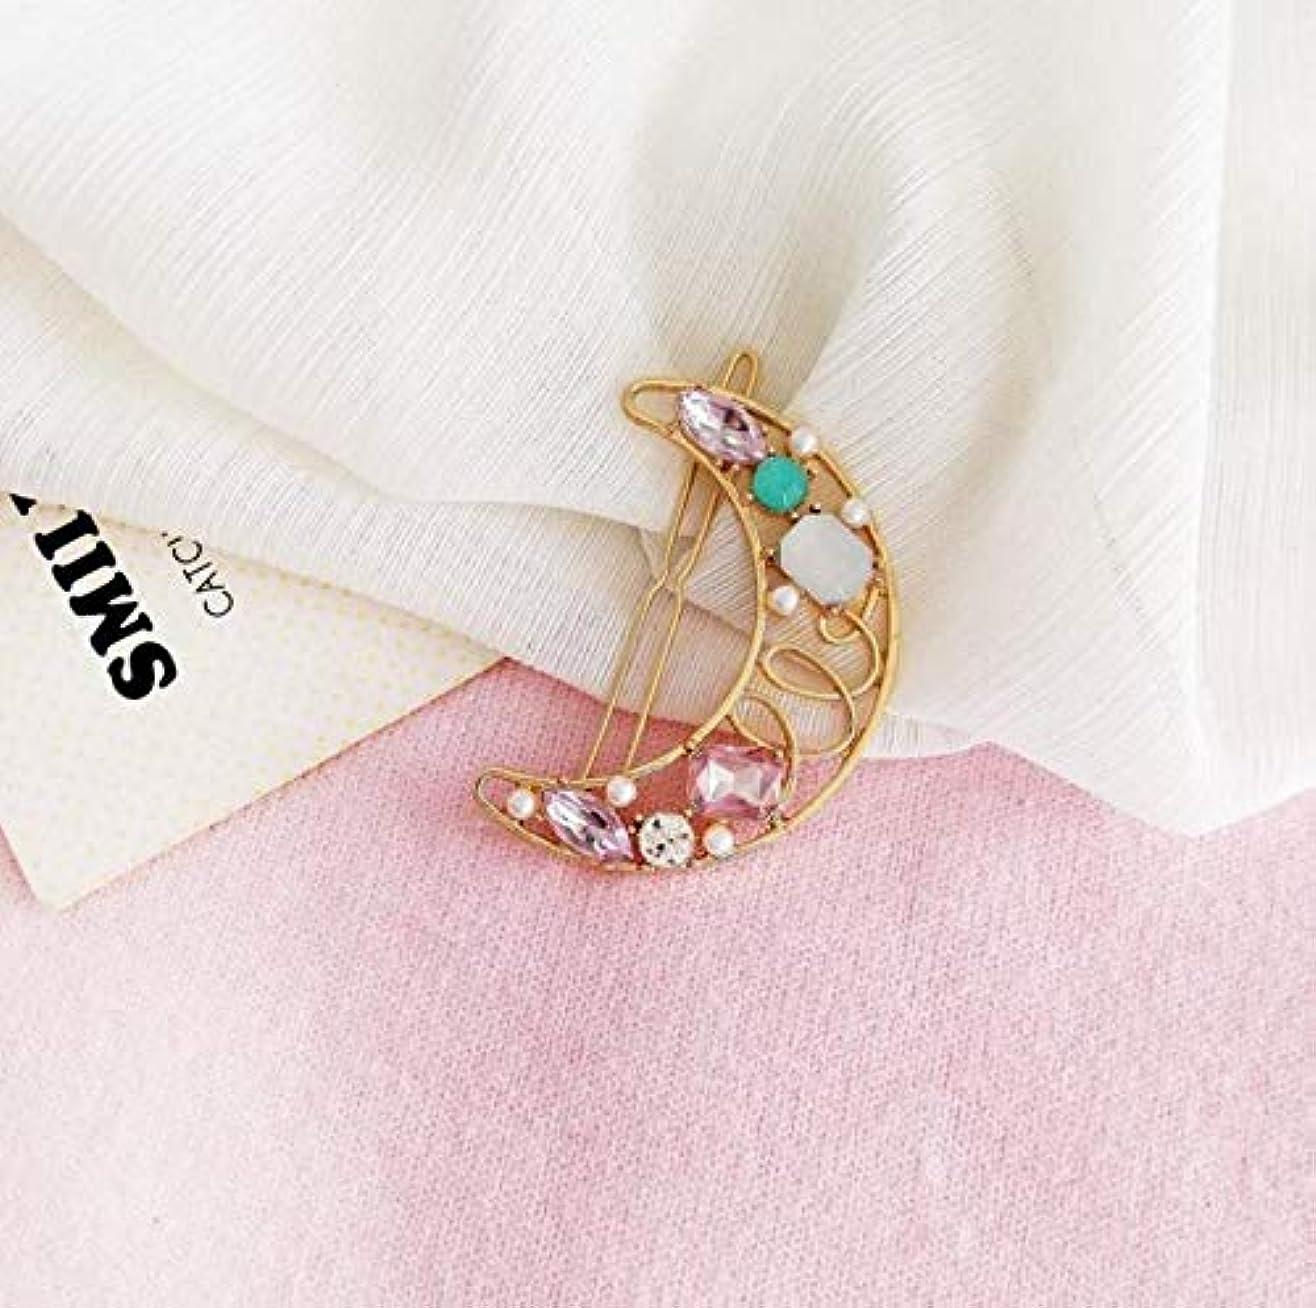 送ったスタウト宮殿HuaQingPiJu-JP 1Pcホロウムーン便利なヘアクリップファッションアクセサリー(ピンク)